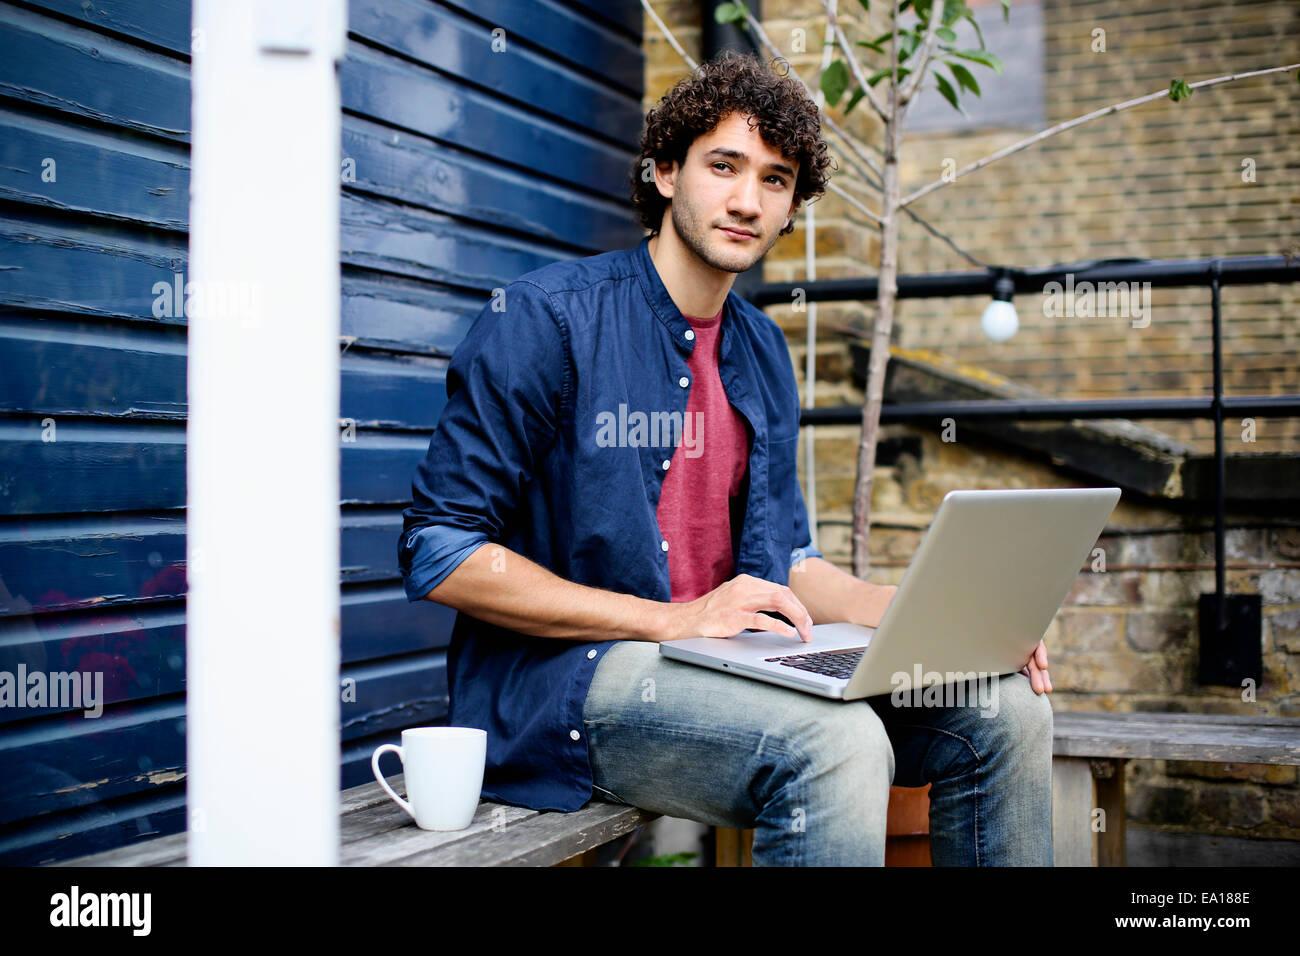 Uomo con notebook sul banco di lavoro Immagini Stock